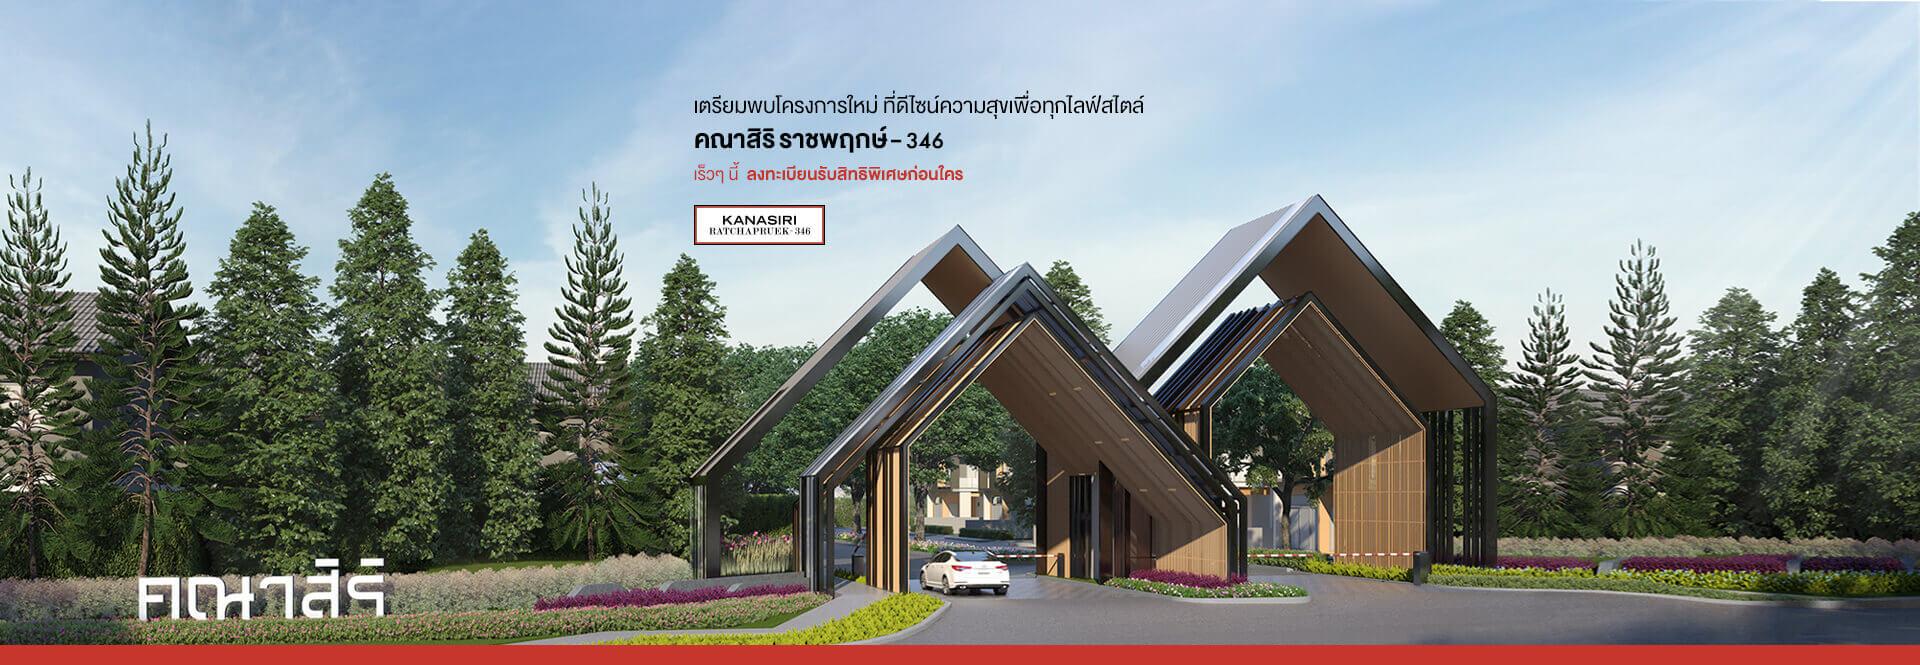 บ้านเดี่ยว - คณาสิริ ราชพฤกษ์-346 kanasiri-ratchapruek-346